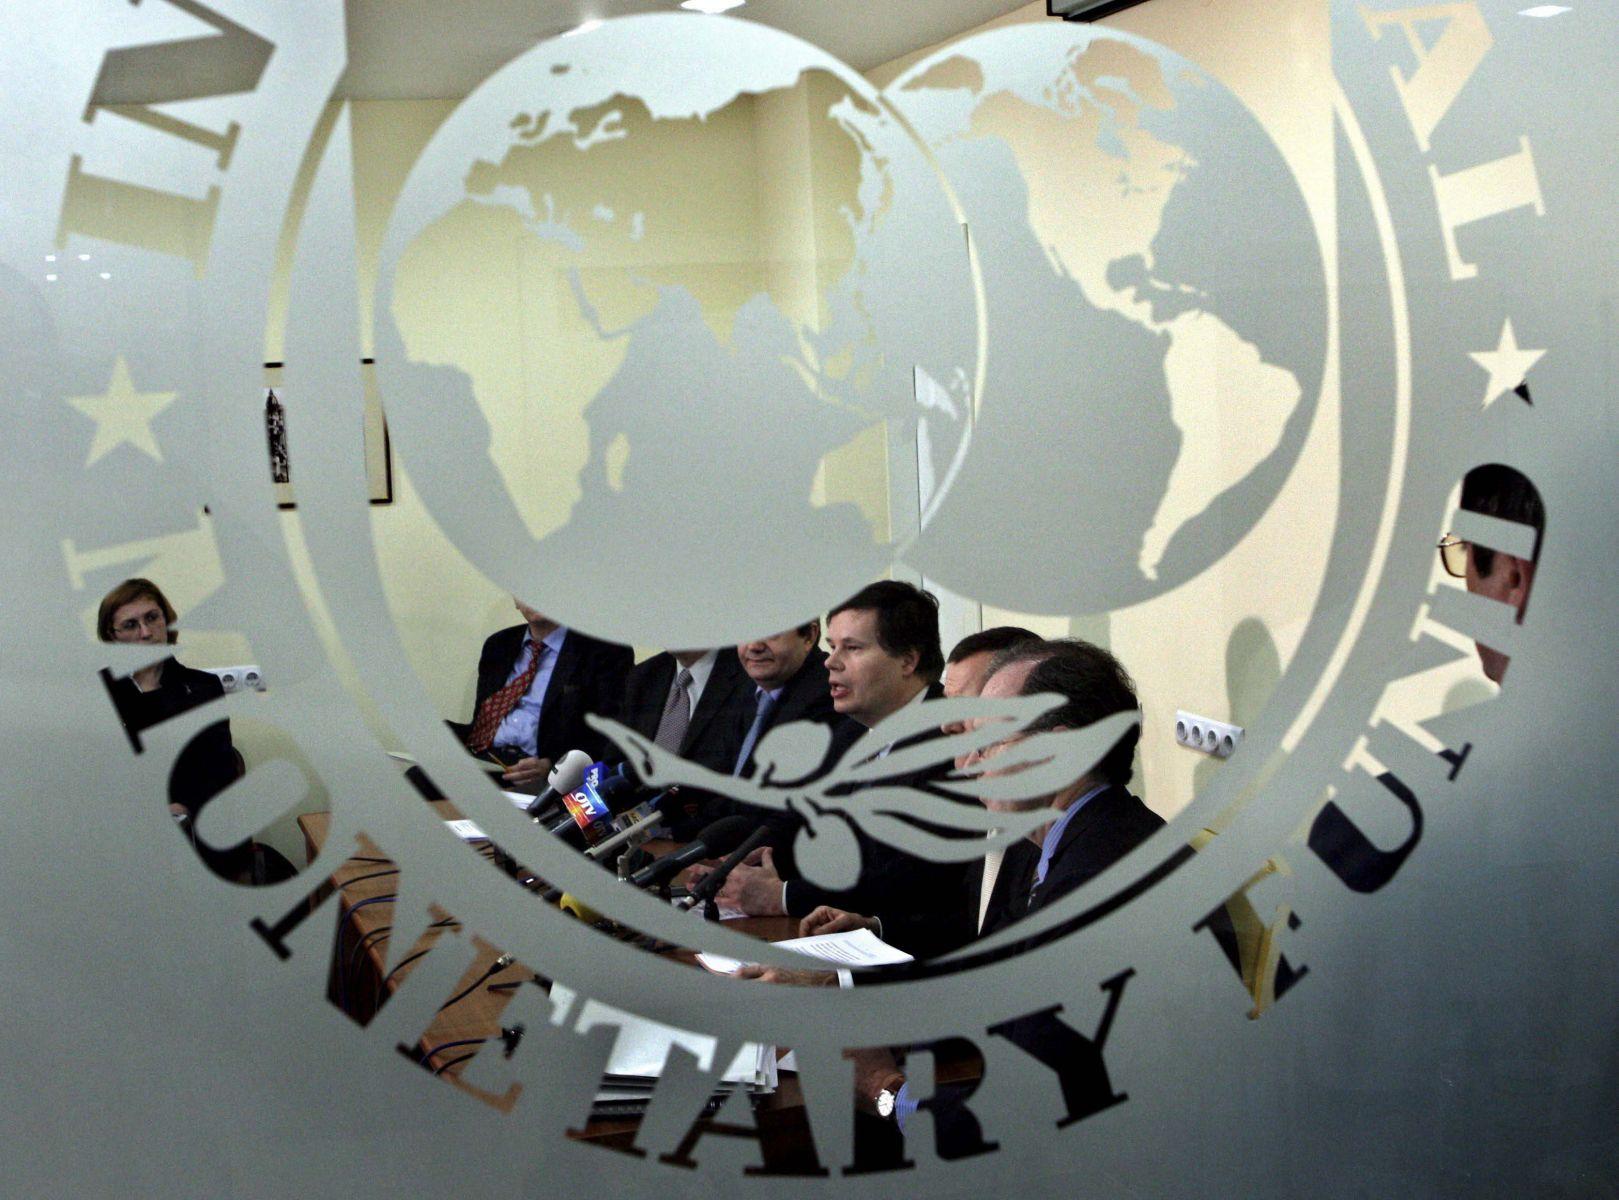 МВФ: Экономика Украины пошла напоправку